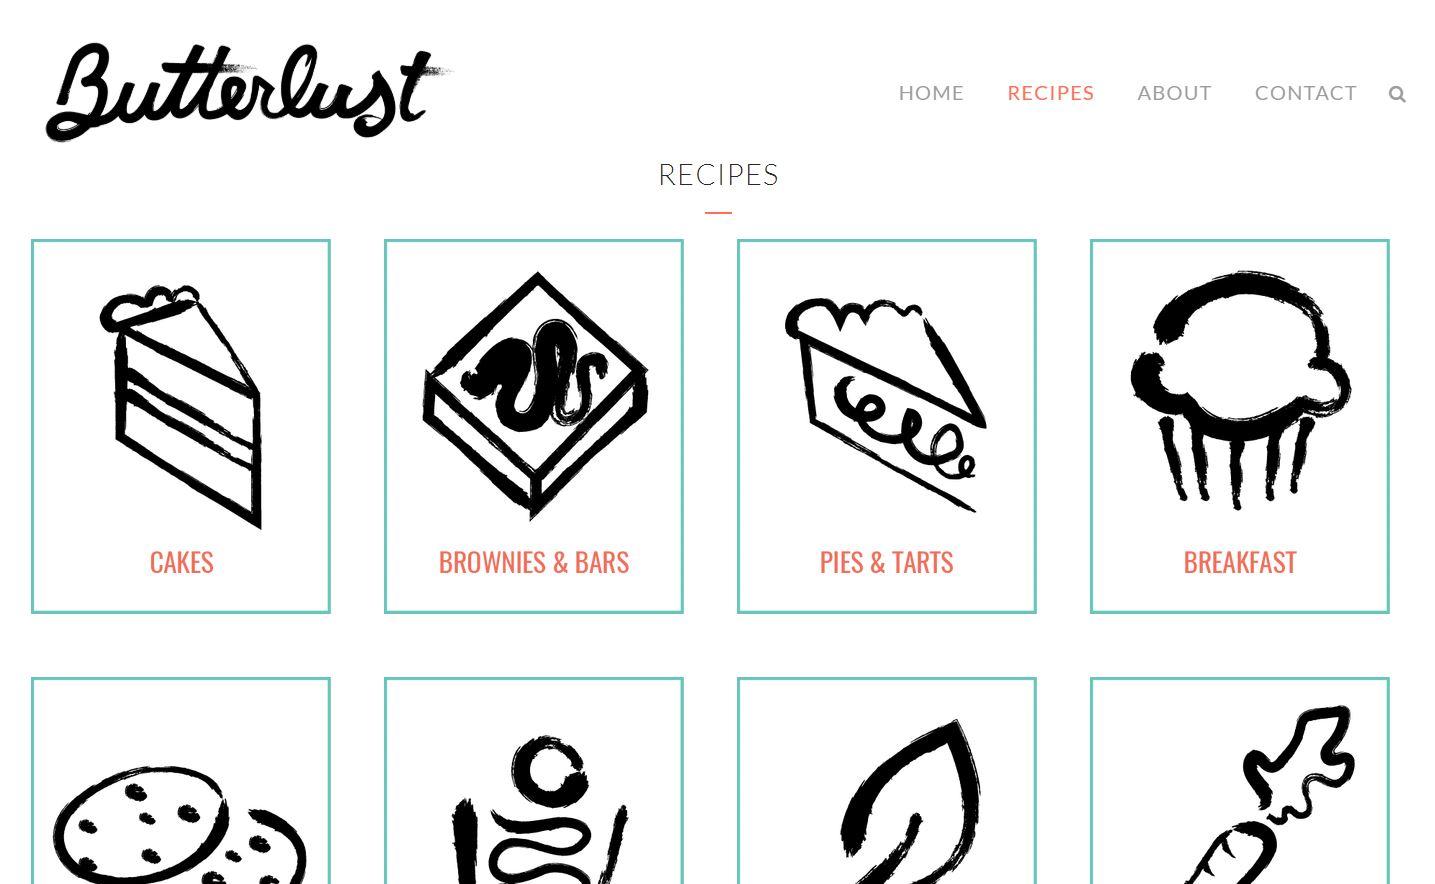 Butterlust website